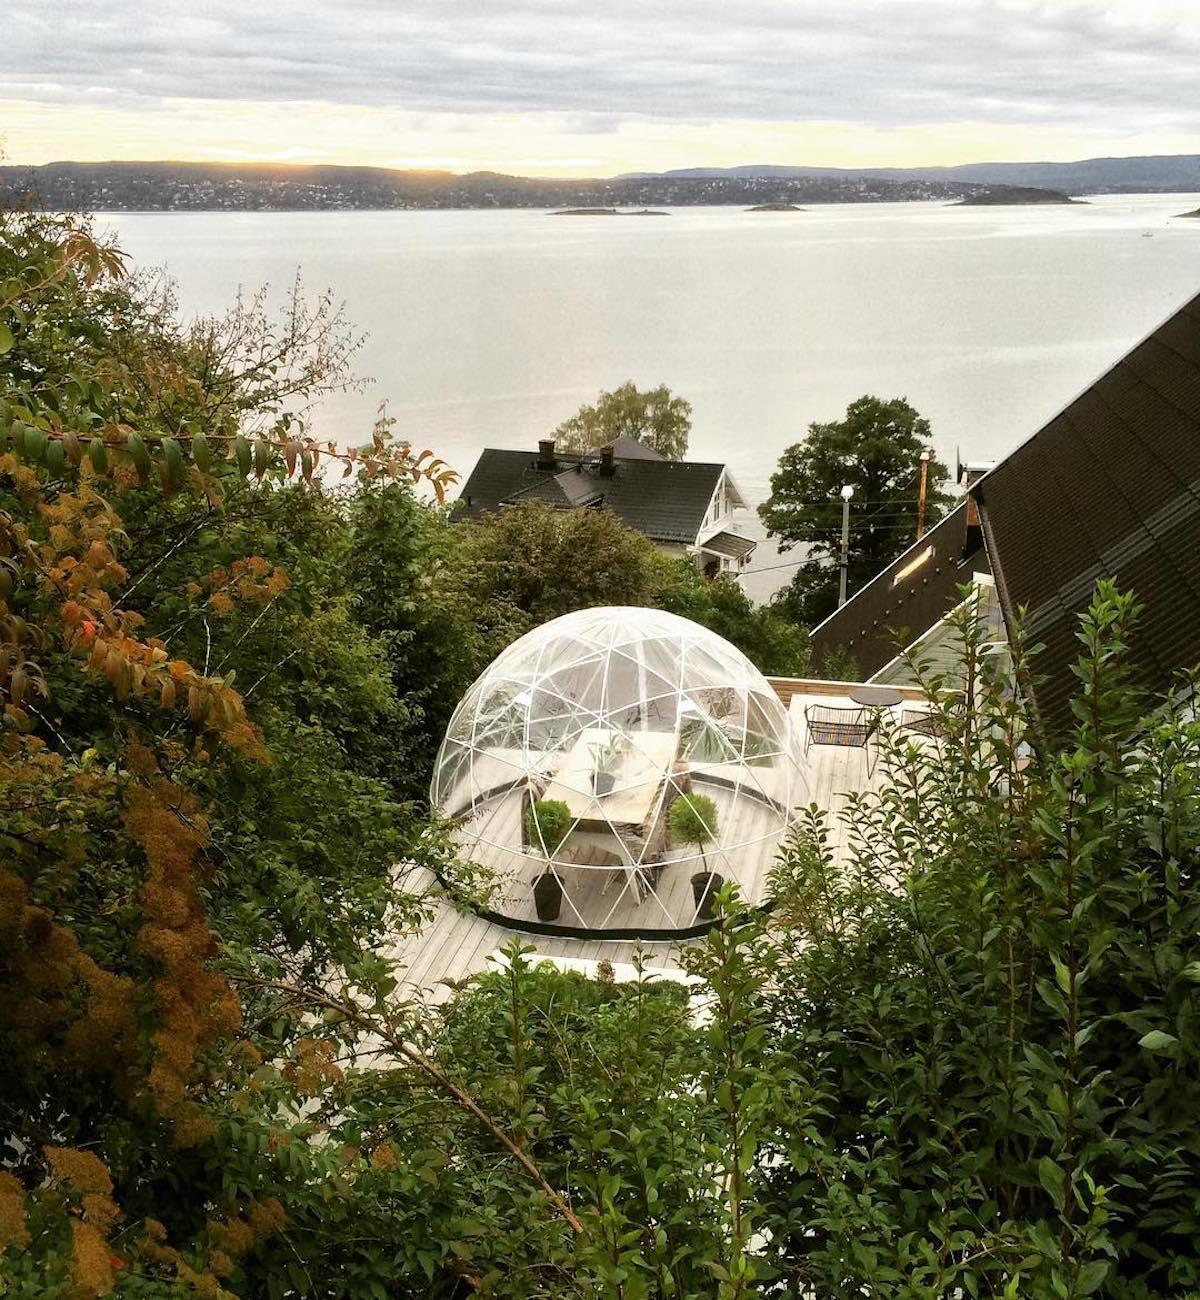 garden igloo terrasse montagne vue sur lac profiter de son extérieur hiver - clemaroundthecorner